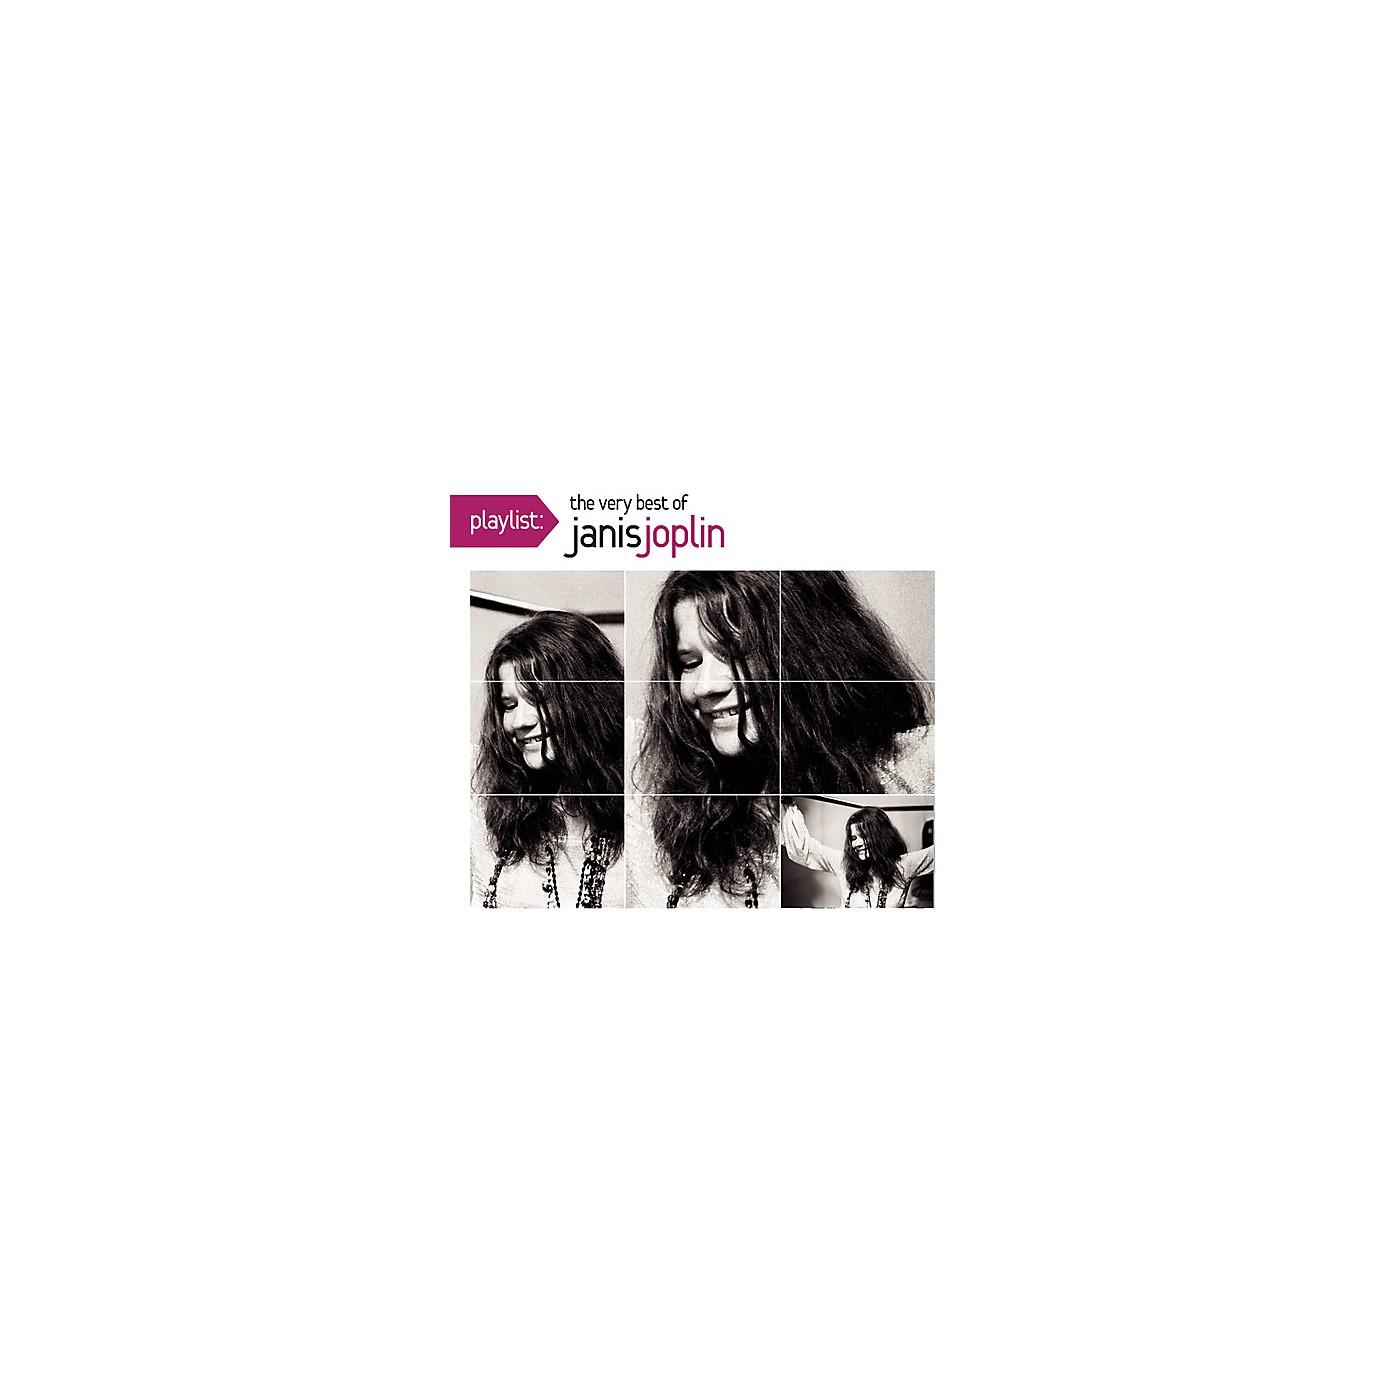 Alliance Janis Joplin - Playlist: Very Best Of (CD) thumbnail